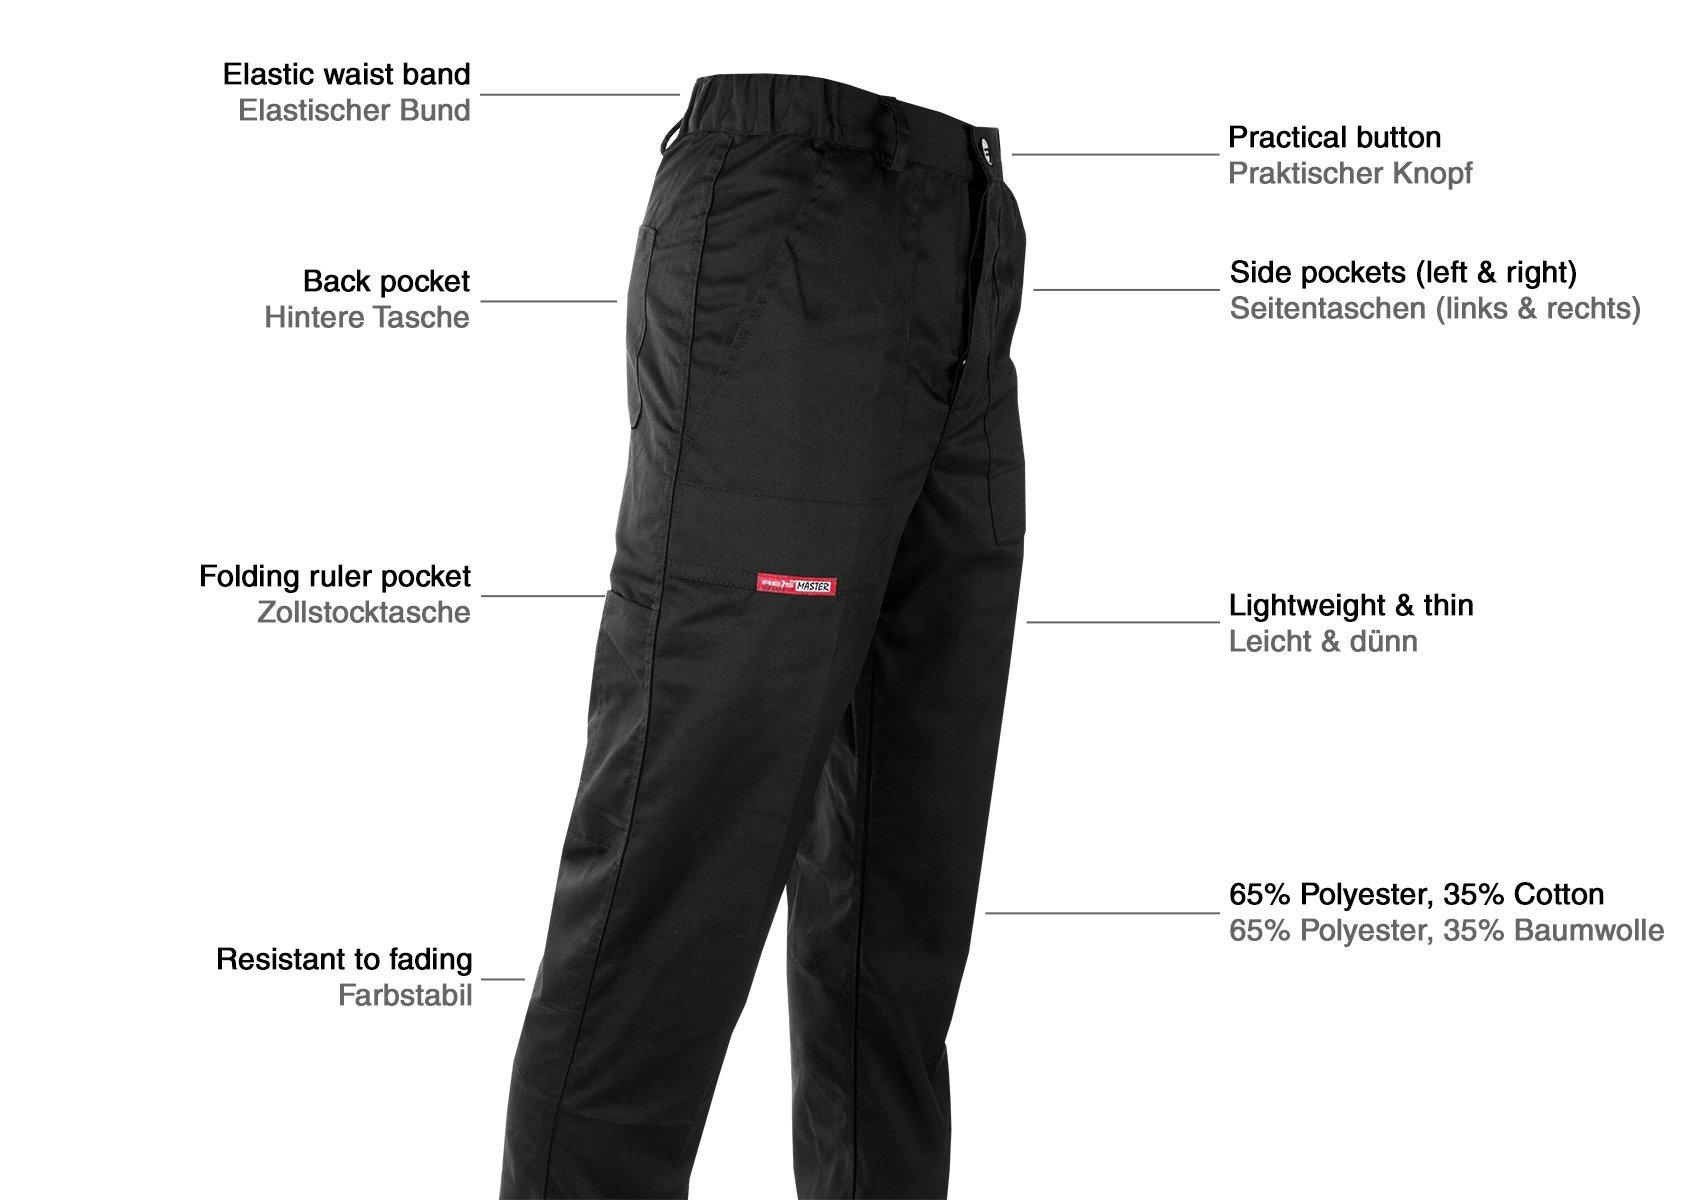 Bricolaje Y Herramientas Pantalones Construccion Reis Pantalones De Seguridad Negros Para Hombre Elasticos Multibolsillos Pantalon De Trabajo